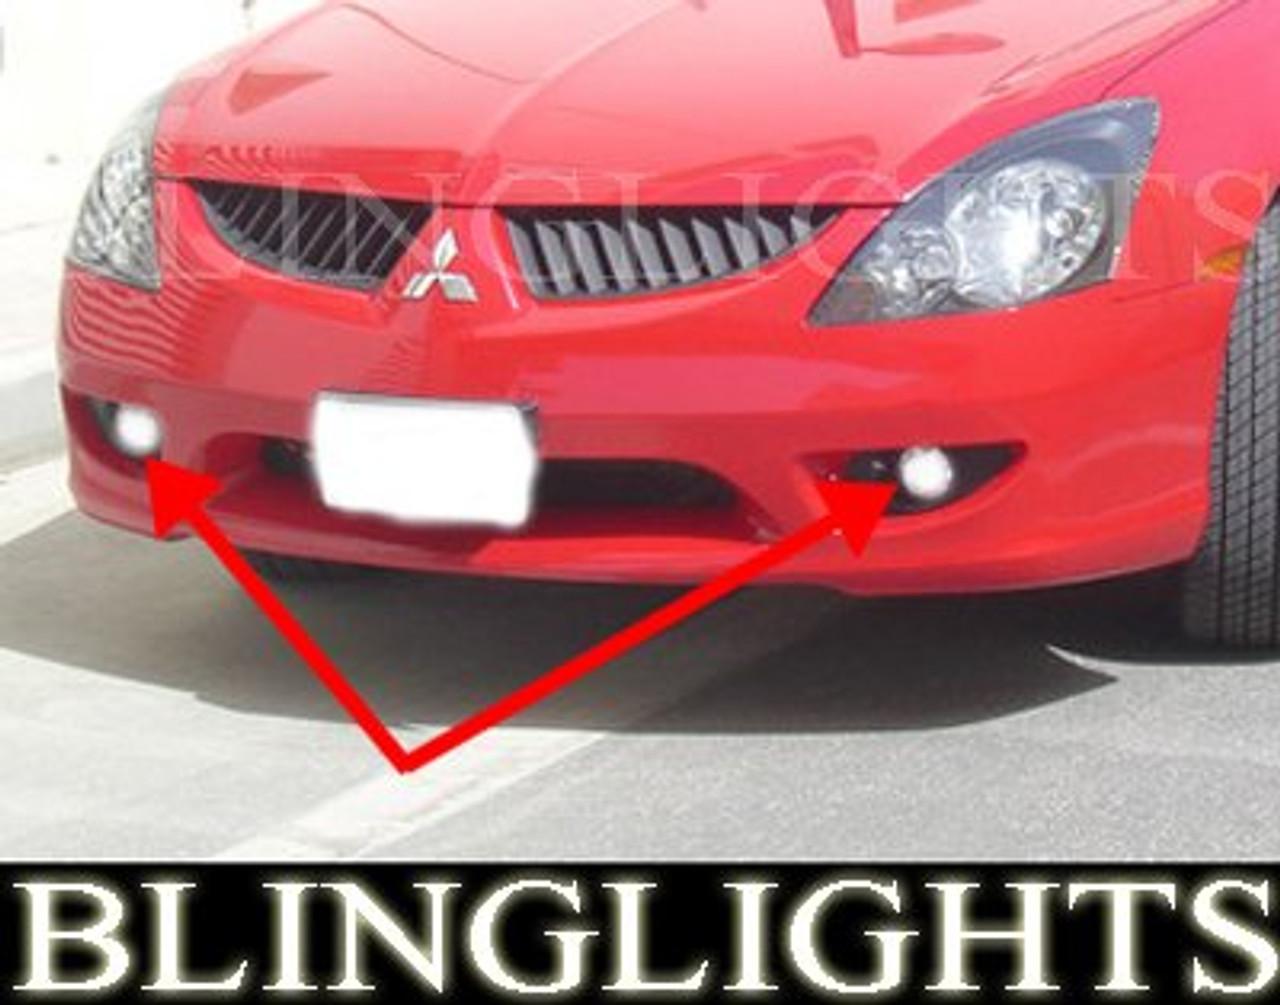 2003 2004 Mitsubishi Magna Verada Xenon Fog Lamps Driving Lights Foglamps Foglights TL Kit